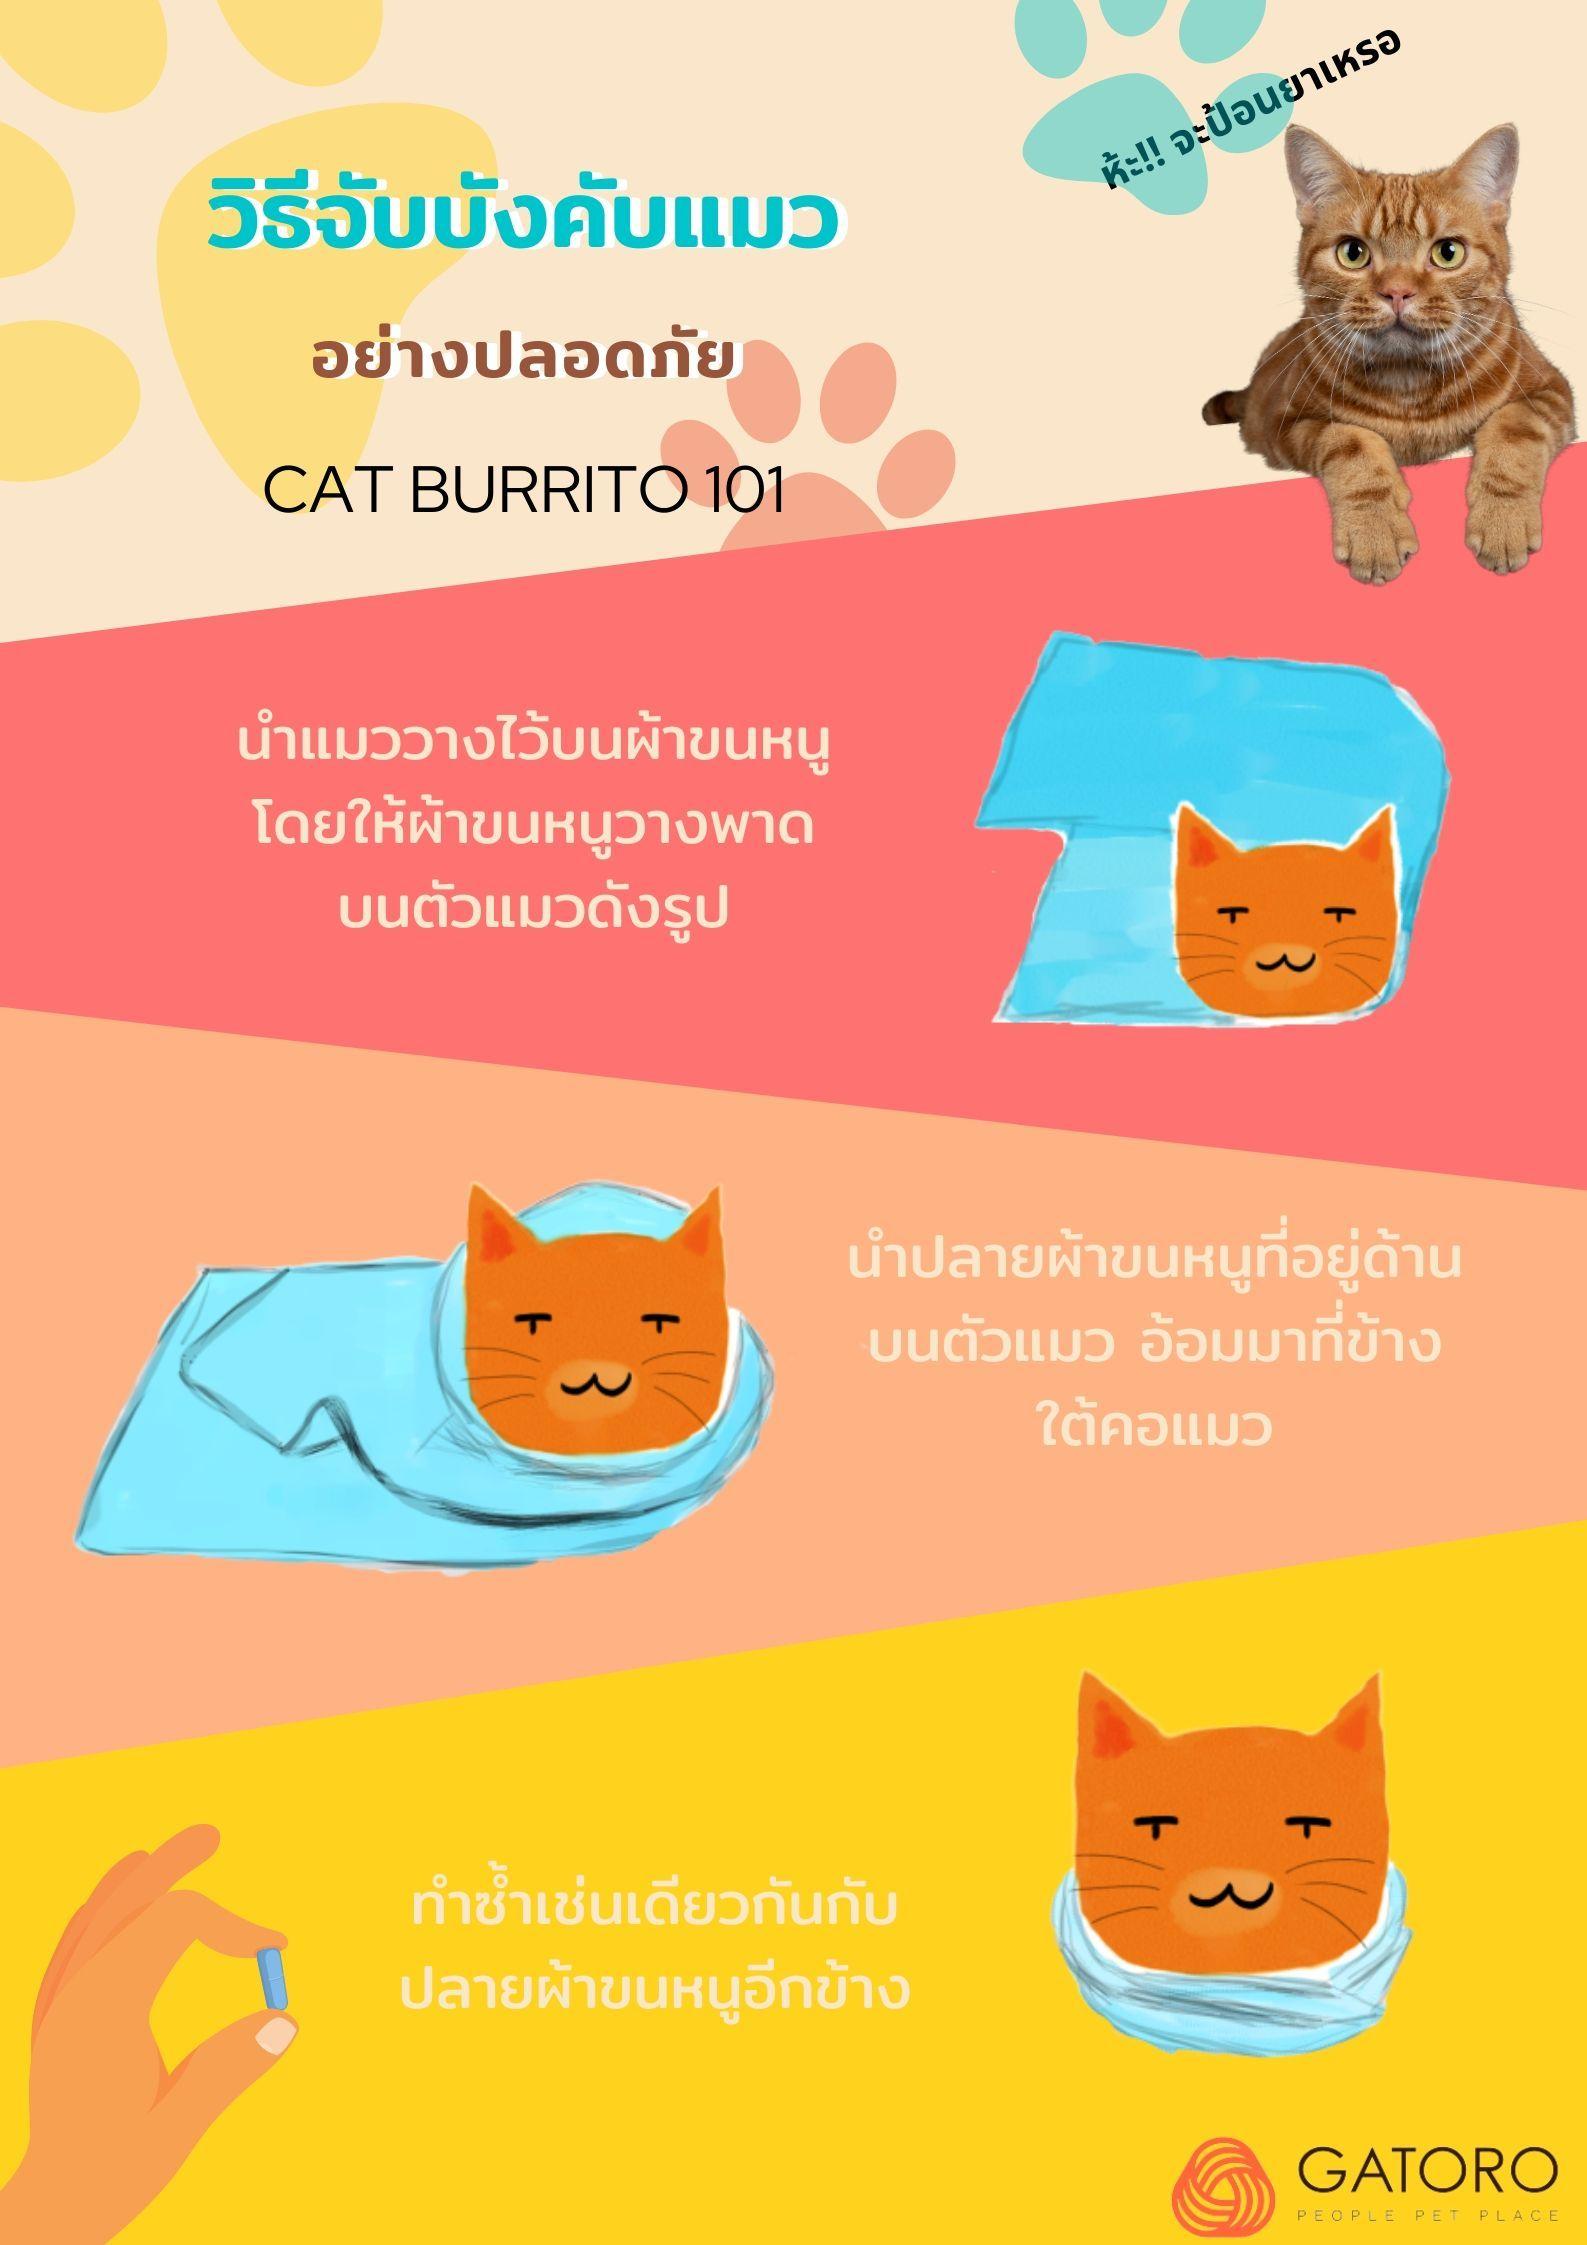 ว ธ บ งค บแมวอย างปลอดภ ย ท งคนและแมว แมว